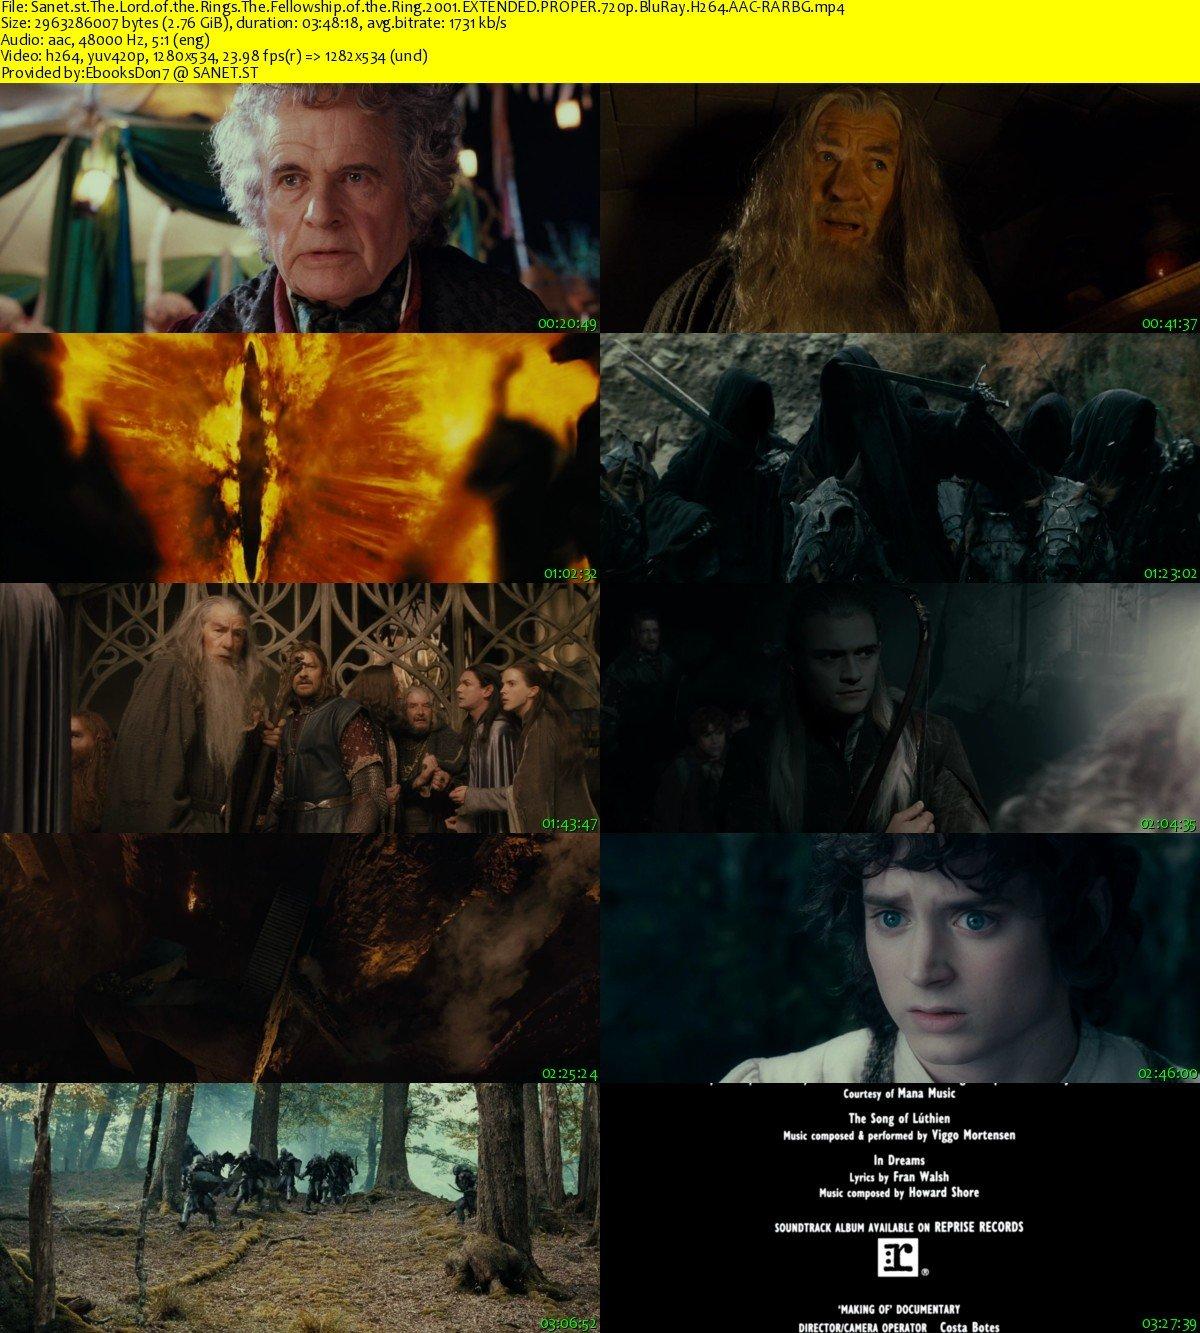 Lord Of The Rings kopen? - Groot aanbod Films & Series